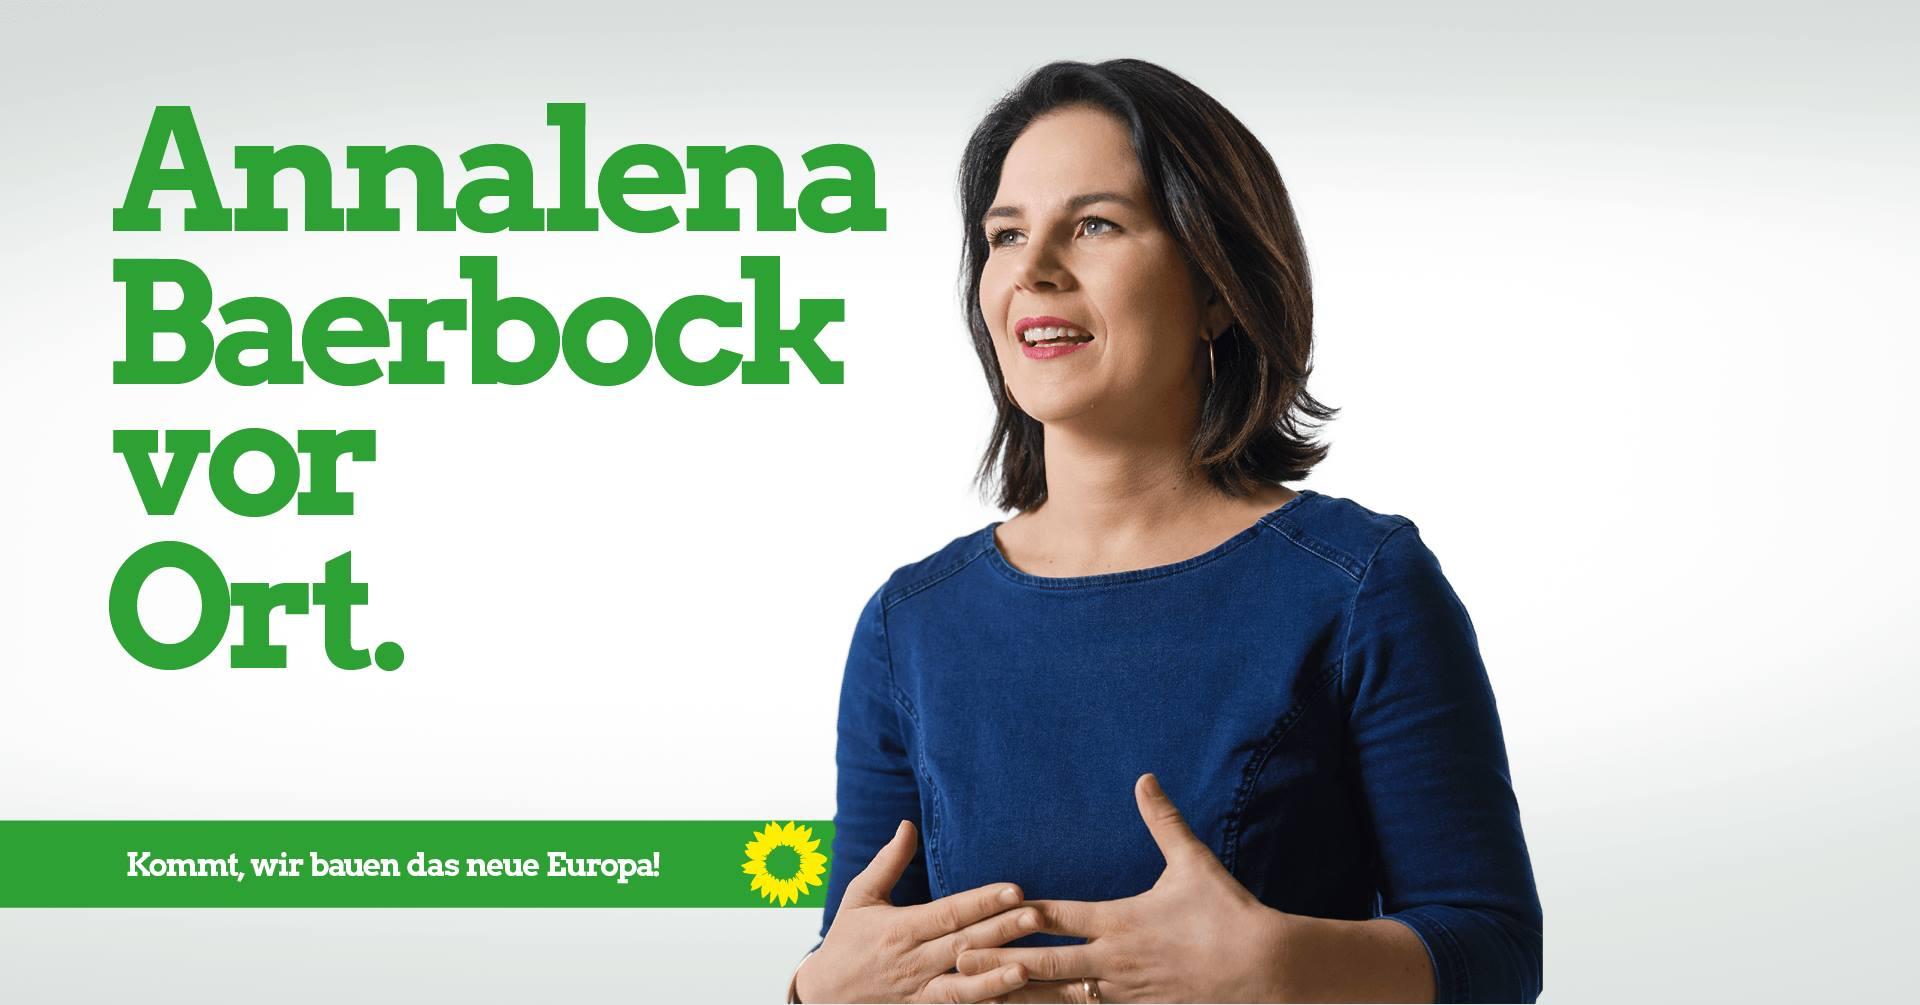 21.05.2019, 15:00 – 16:00 Annalena Bärbock kommt nach Landsberg